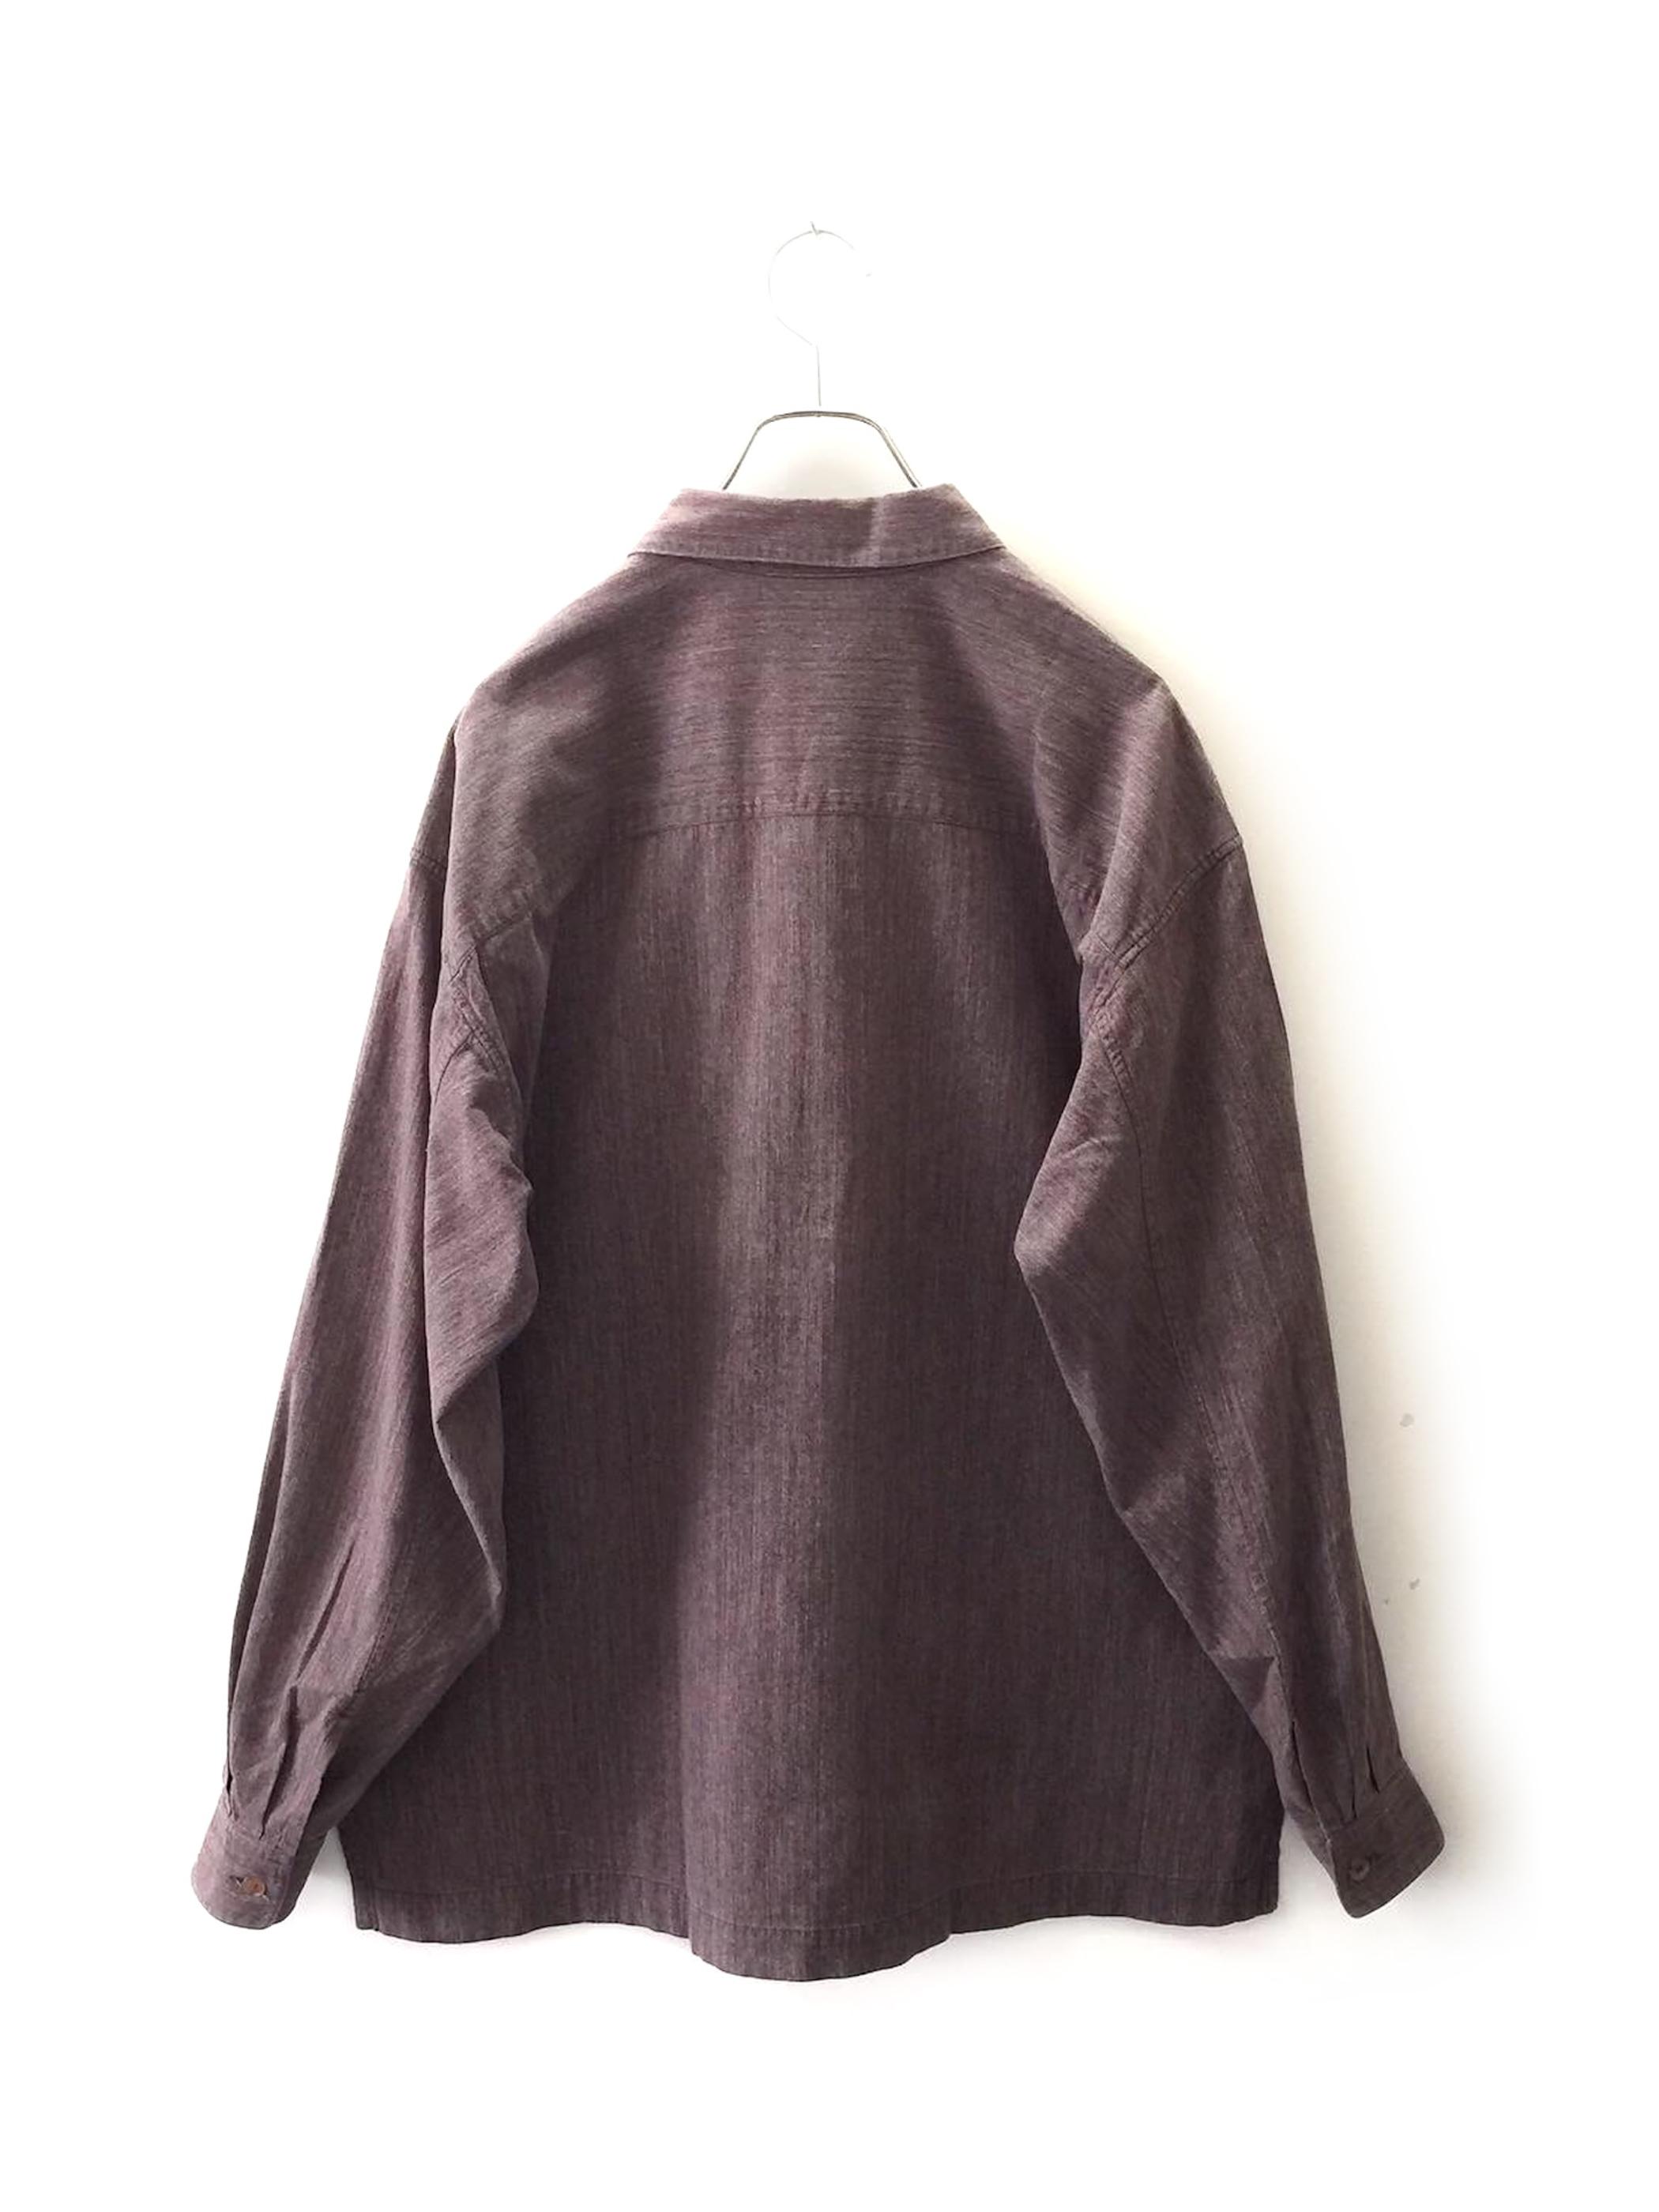 ISSEY MIYAKE MEN コットンシャツ パープル系 オーバーサイズ size M メンズ 古着